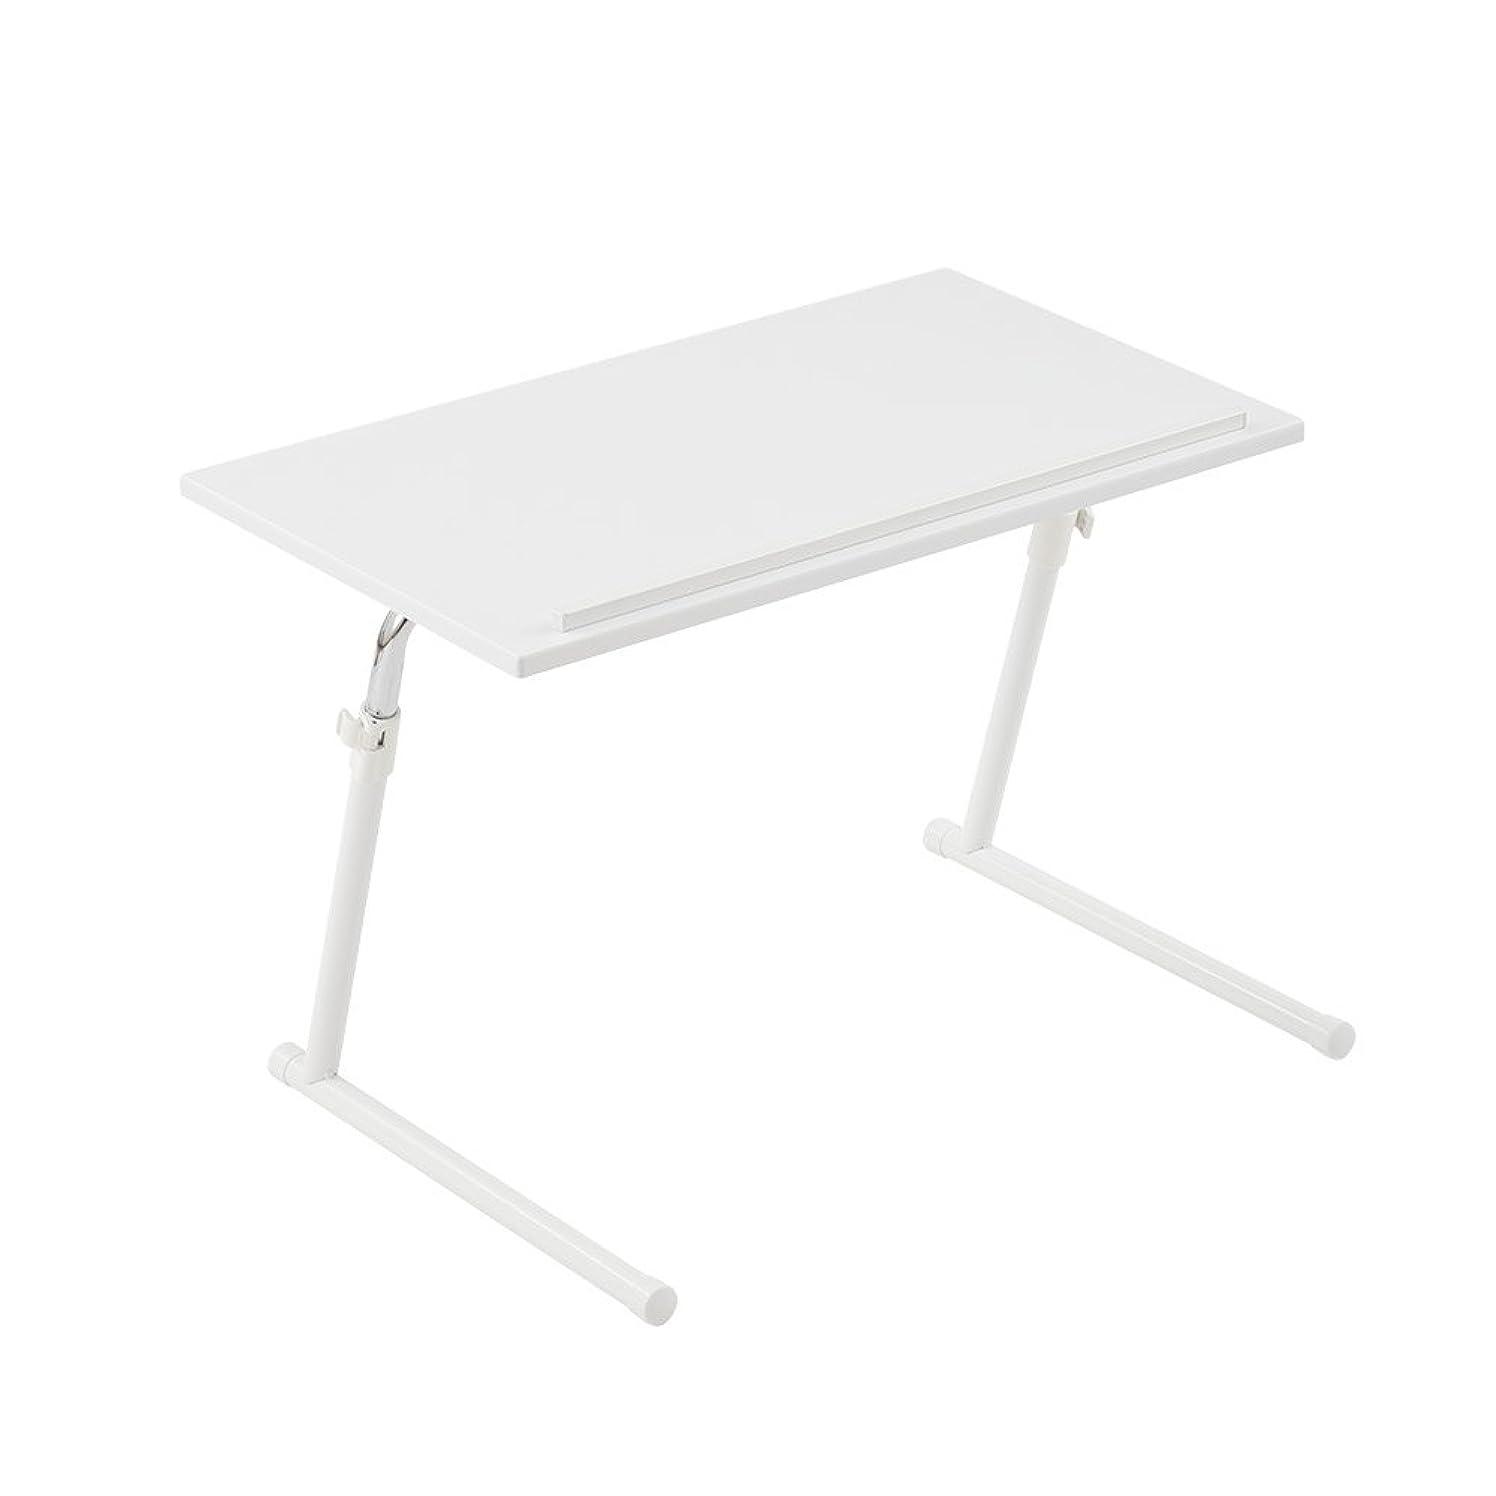 トラフィックアームストロング宮殿ぼん家具 サイドテーブル 折りたたみ 昇降式 角度調節可能 木製 つくえ ソファテーブル ホワイト